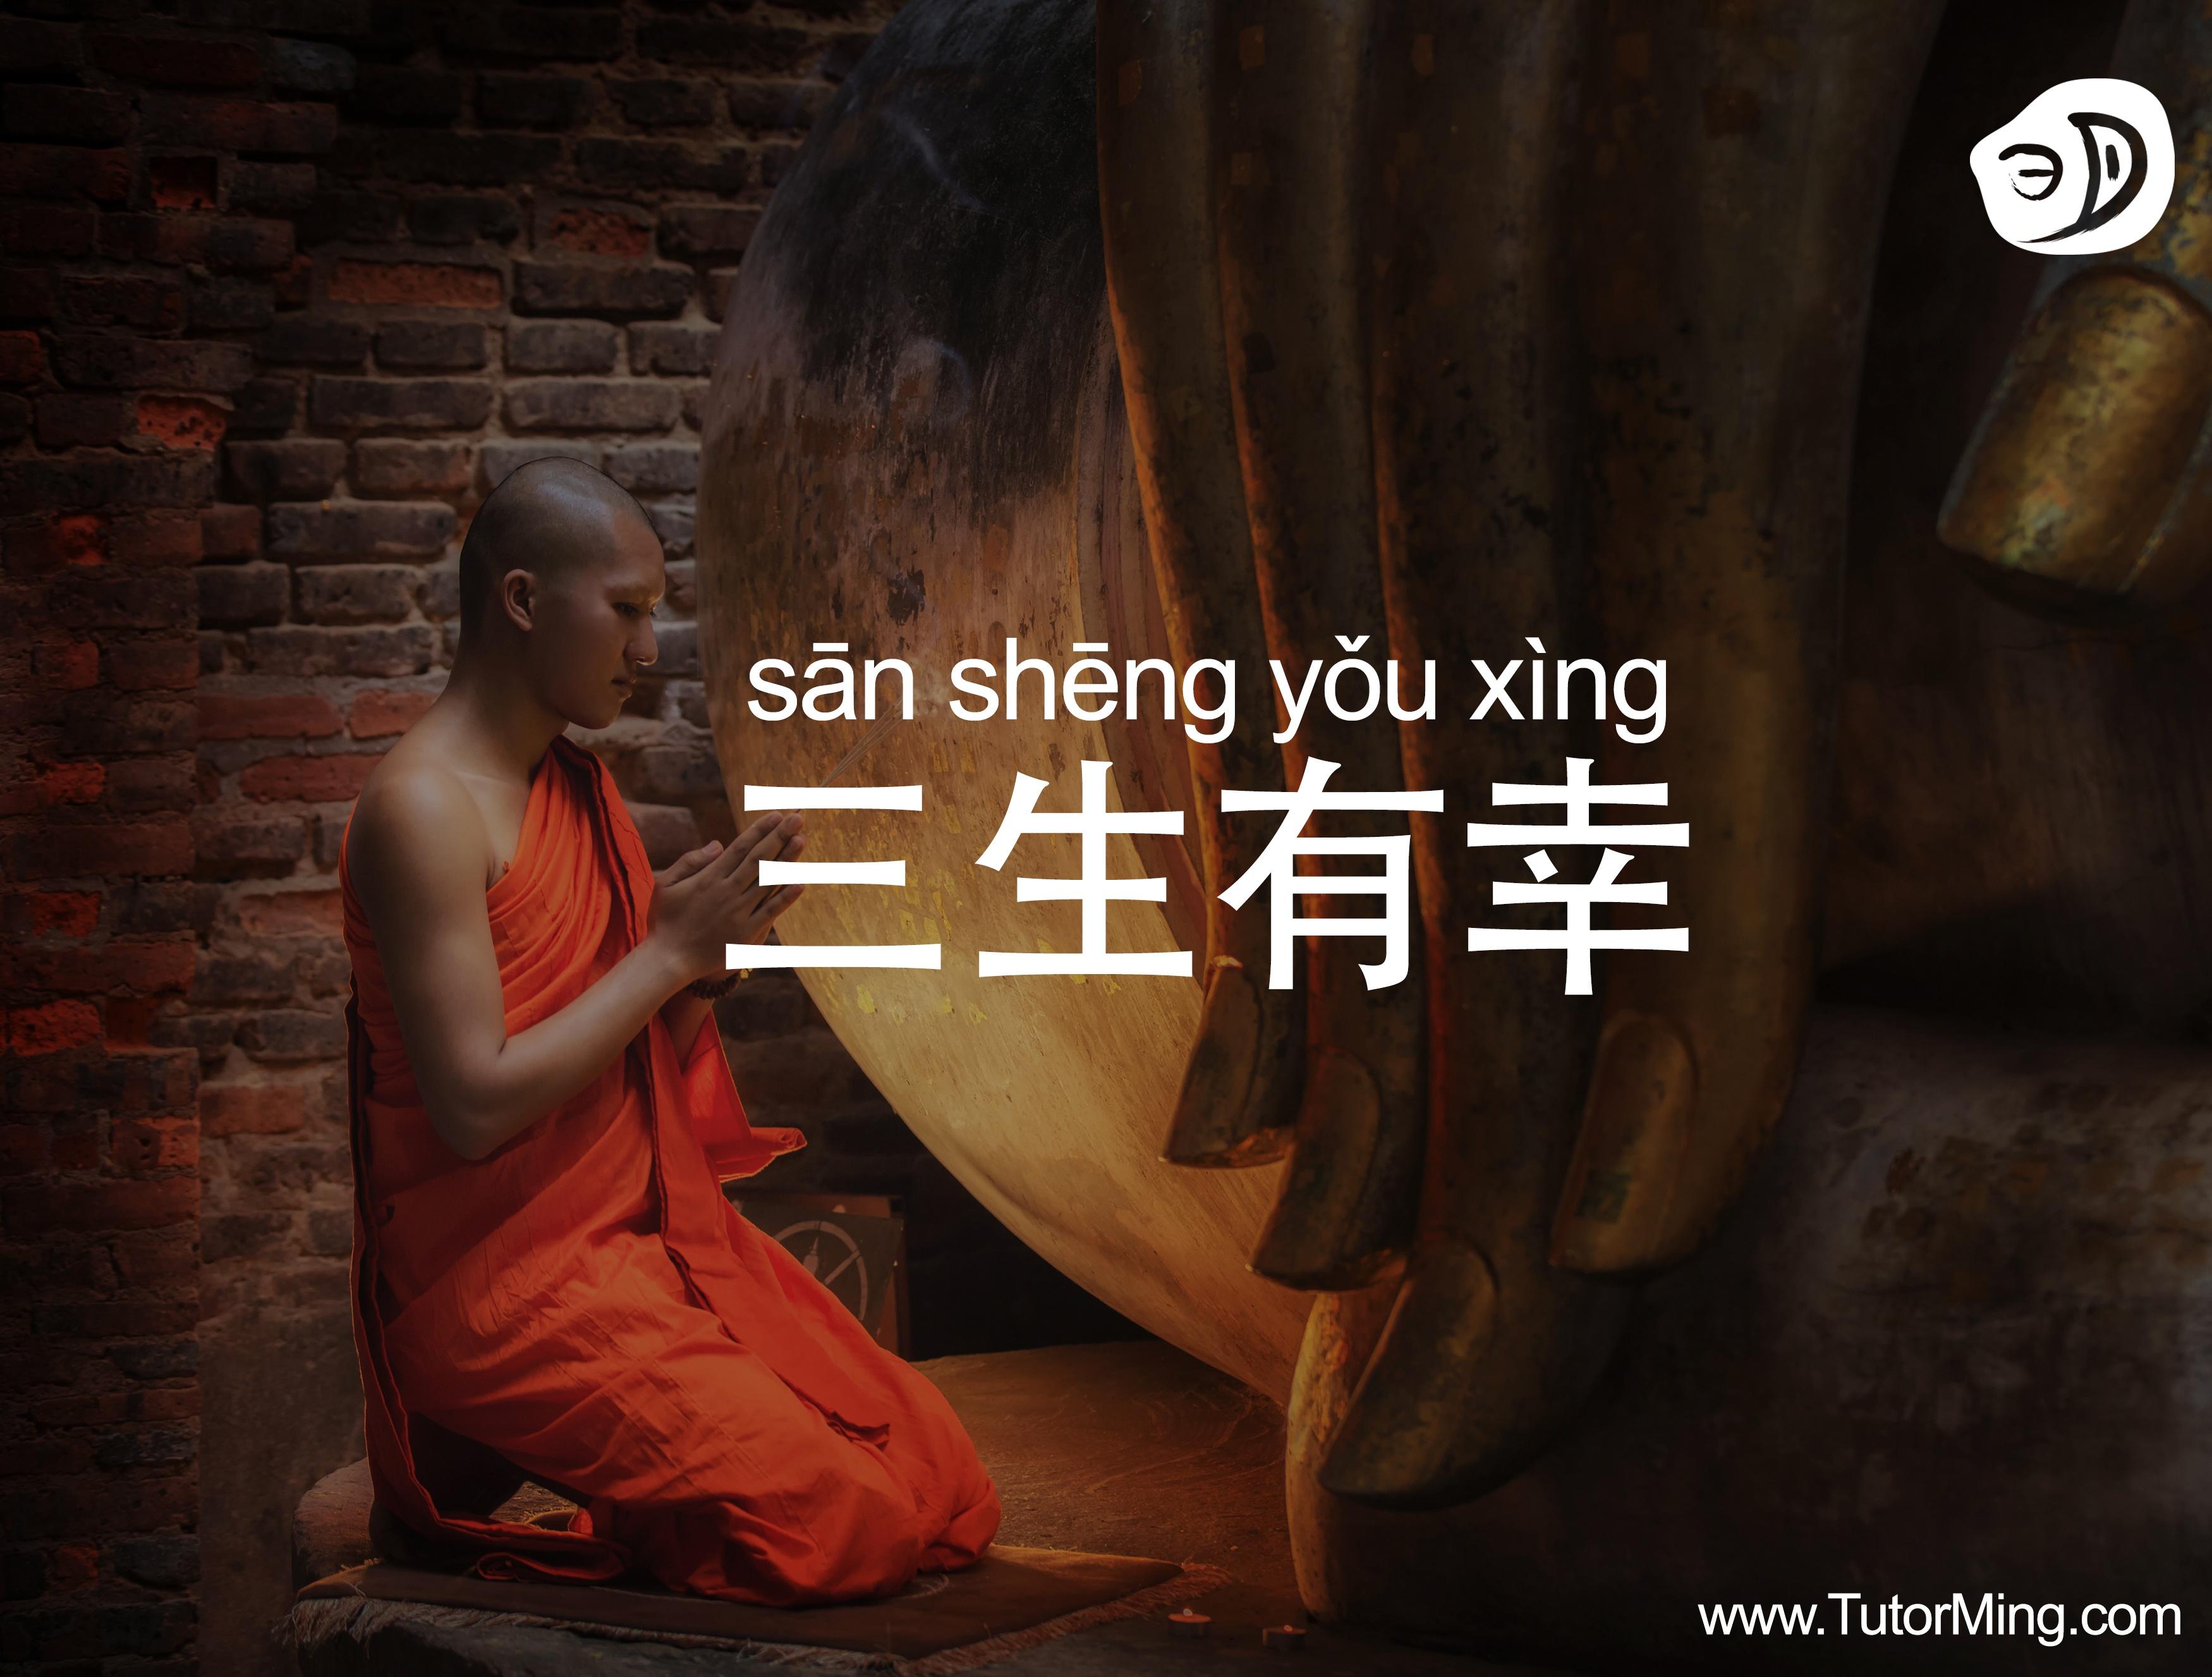 chengyu_san_sheng_you_xin.jpg